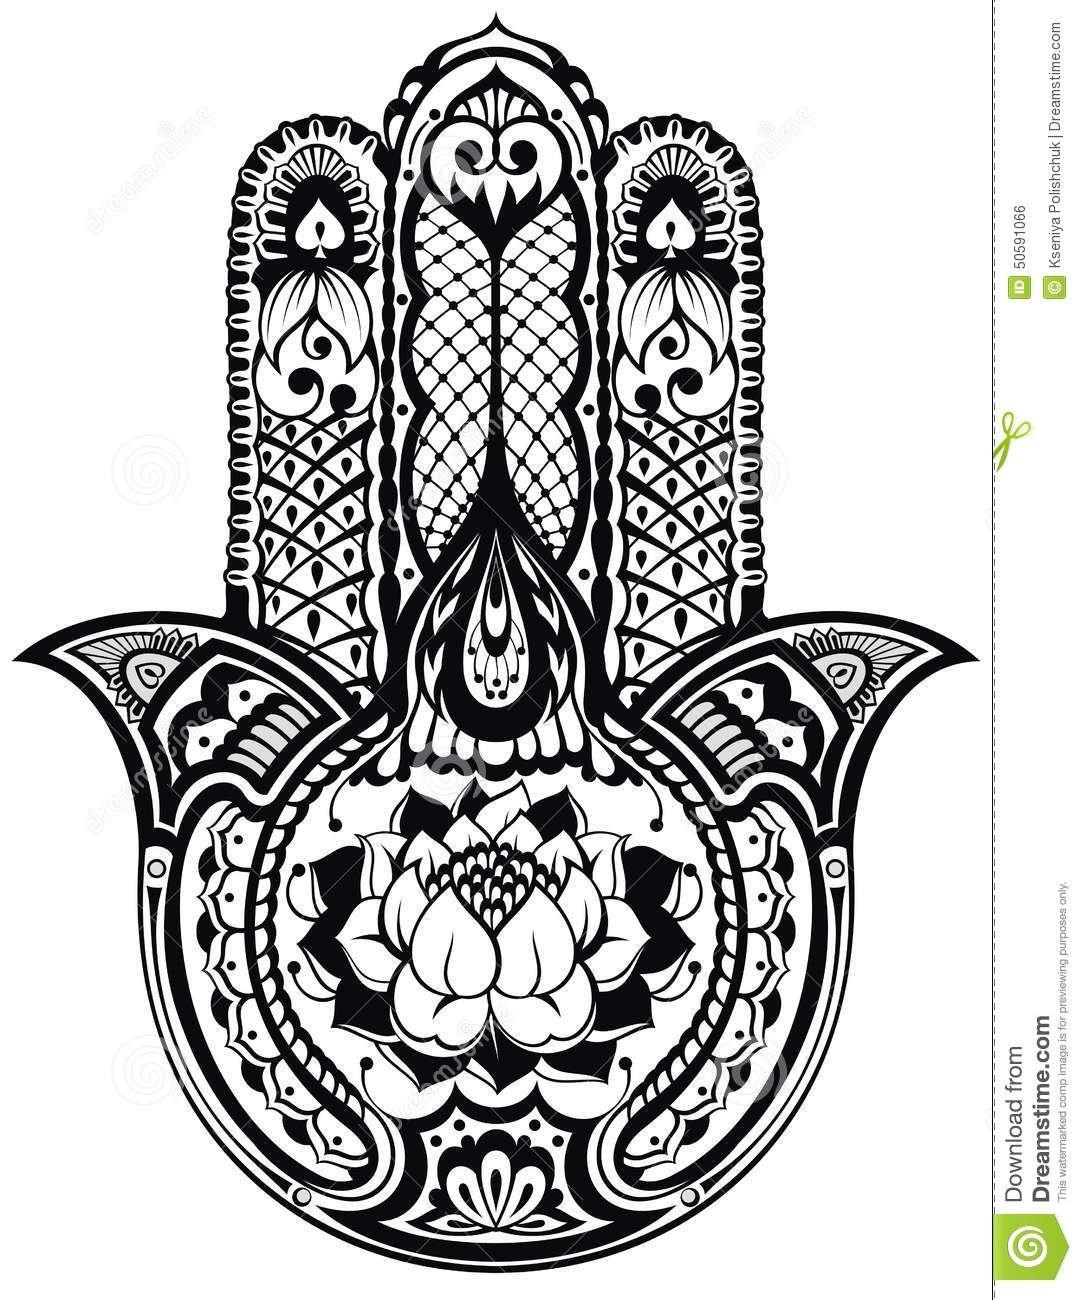 elefantes blanco y negro dibujo - Buscar con Google | mandalas ...